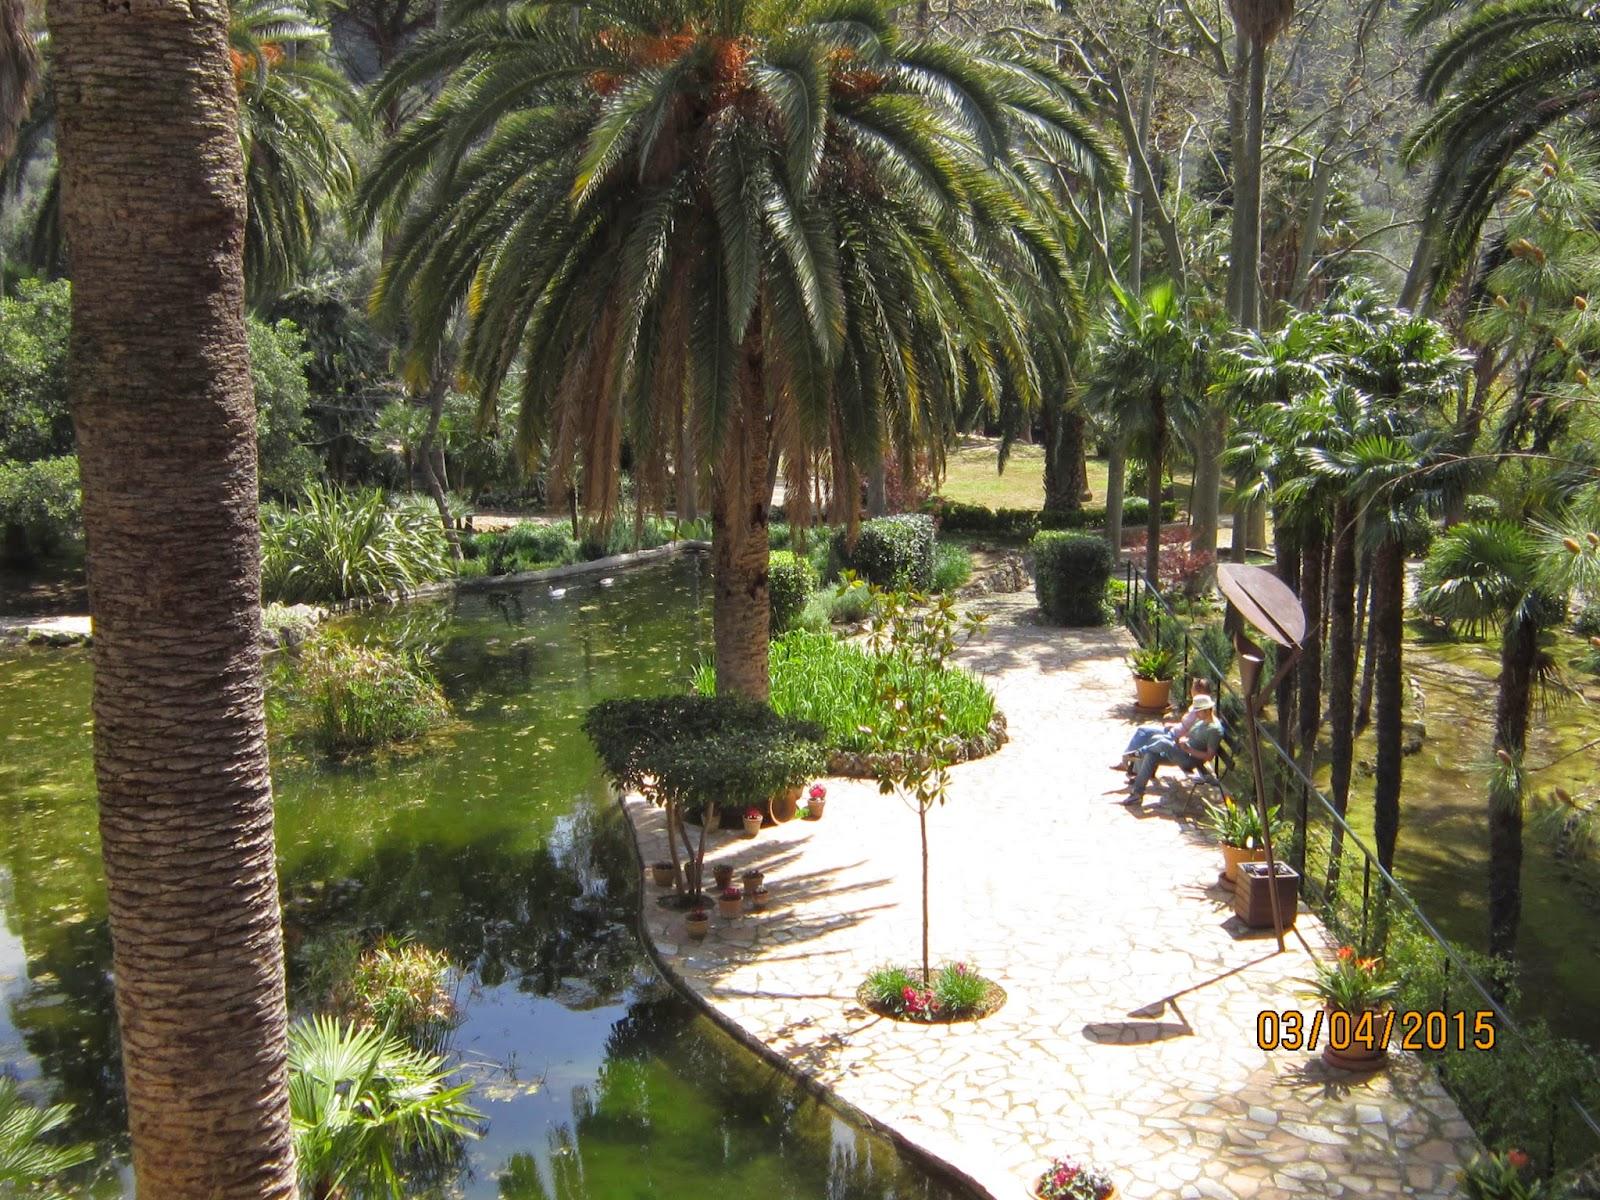 El blog de la loles independiente 2 jardines de alfabia for Jardines alfabia